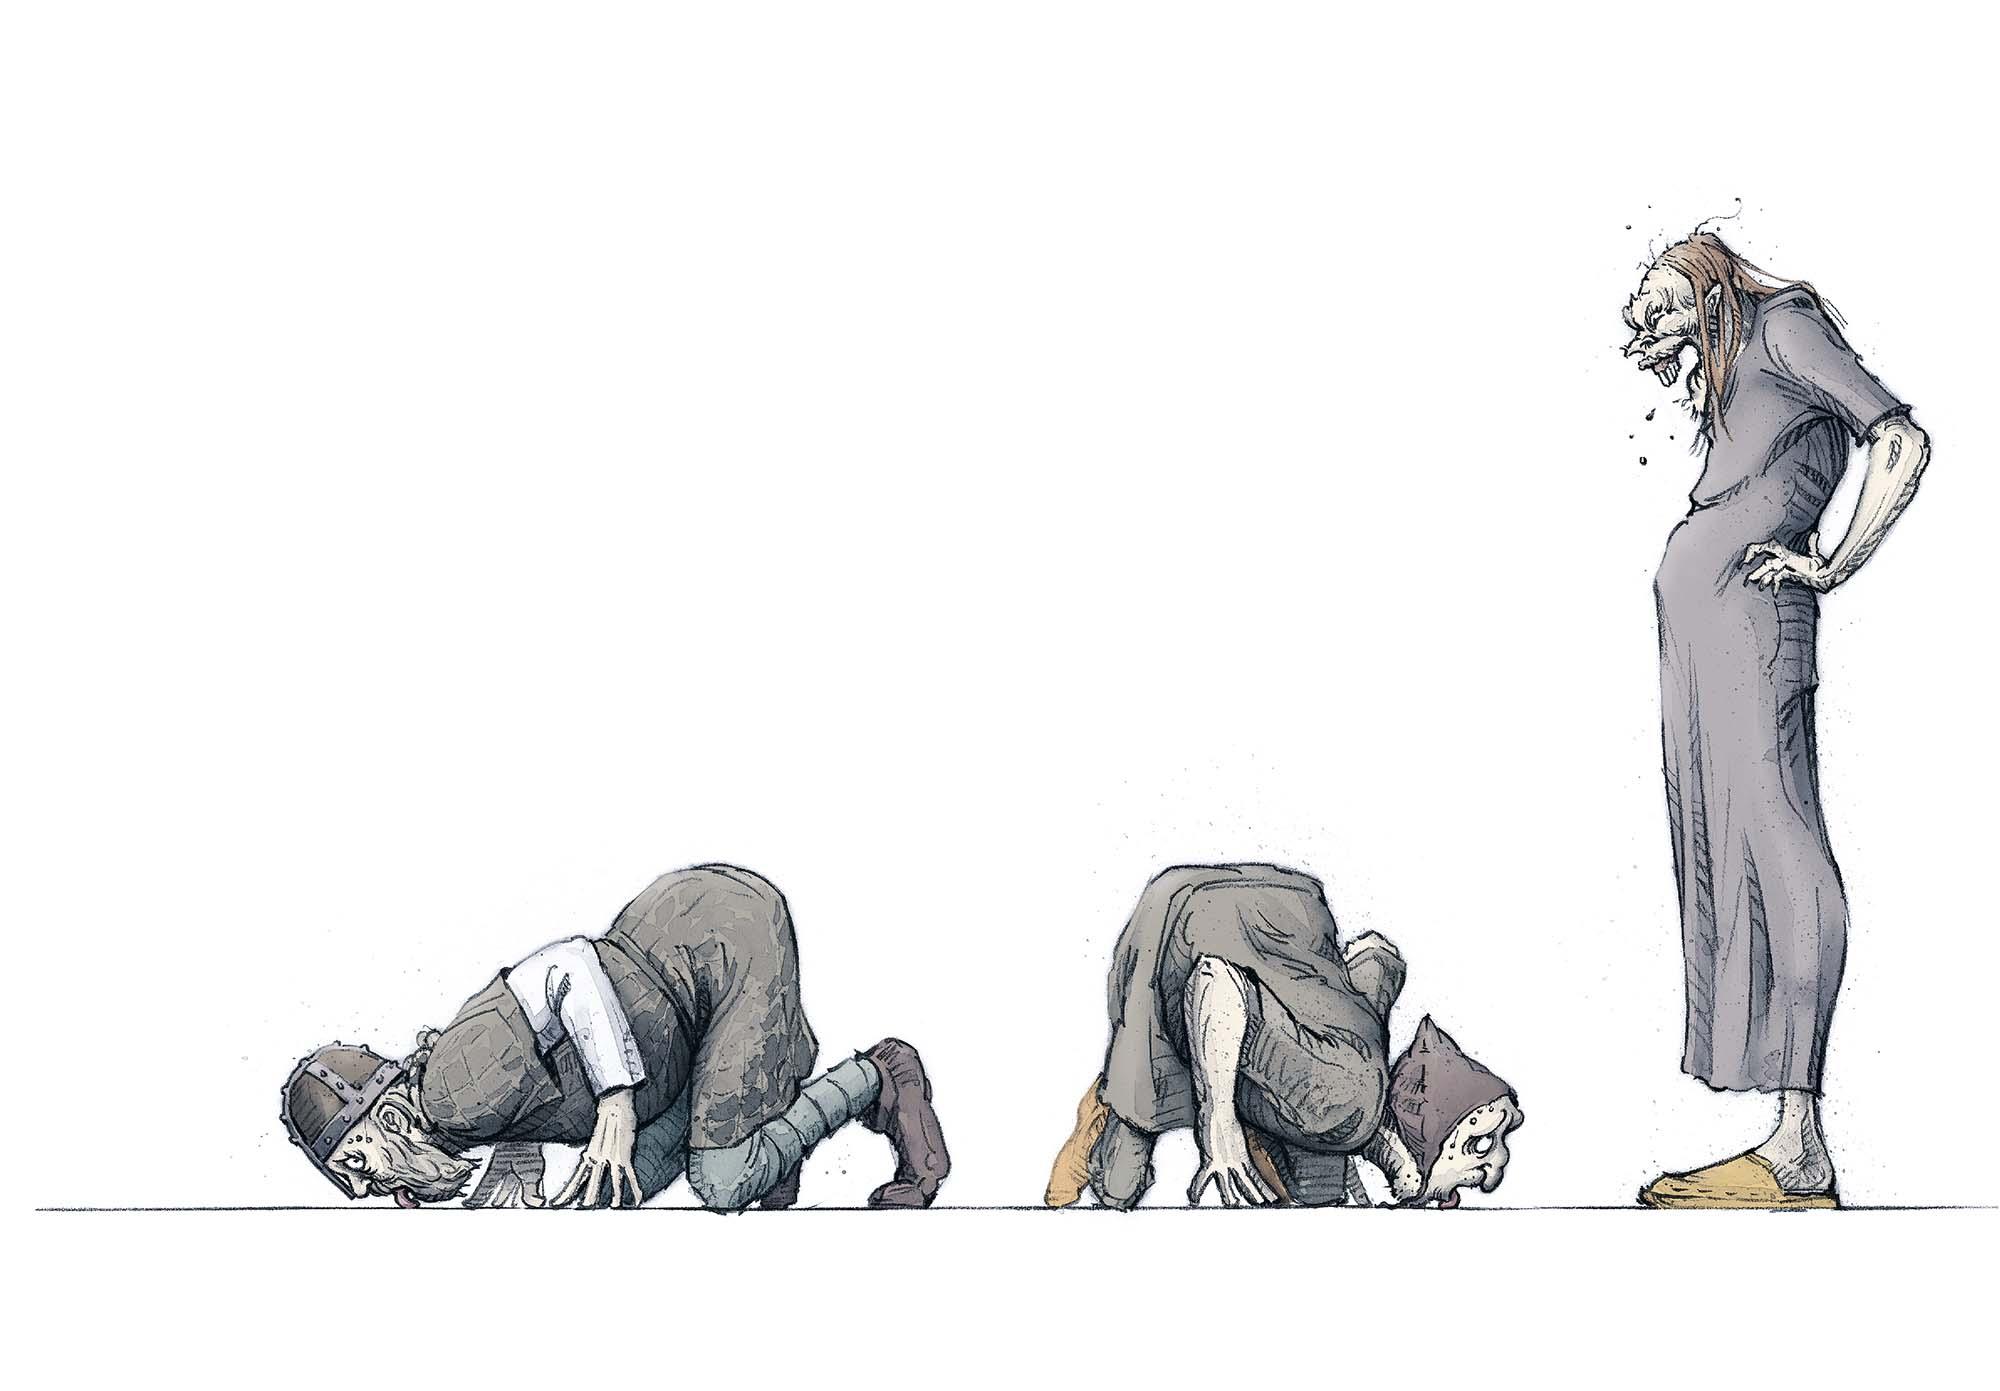 The Stranger's Grave: Demonstration of power (Client: Bonnier Carlsen Publishing House, Sweden).